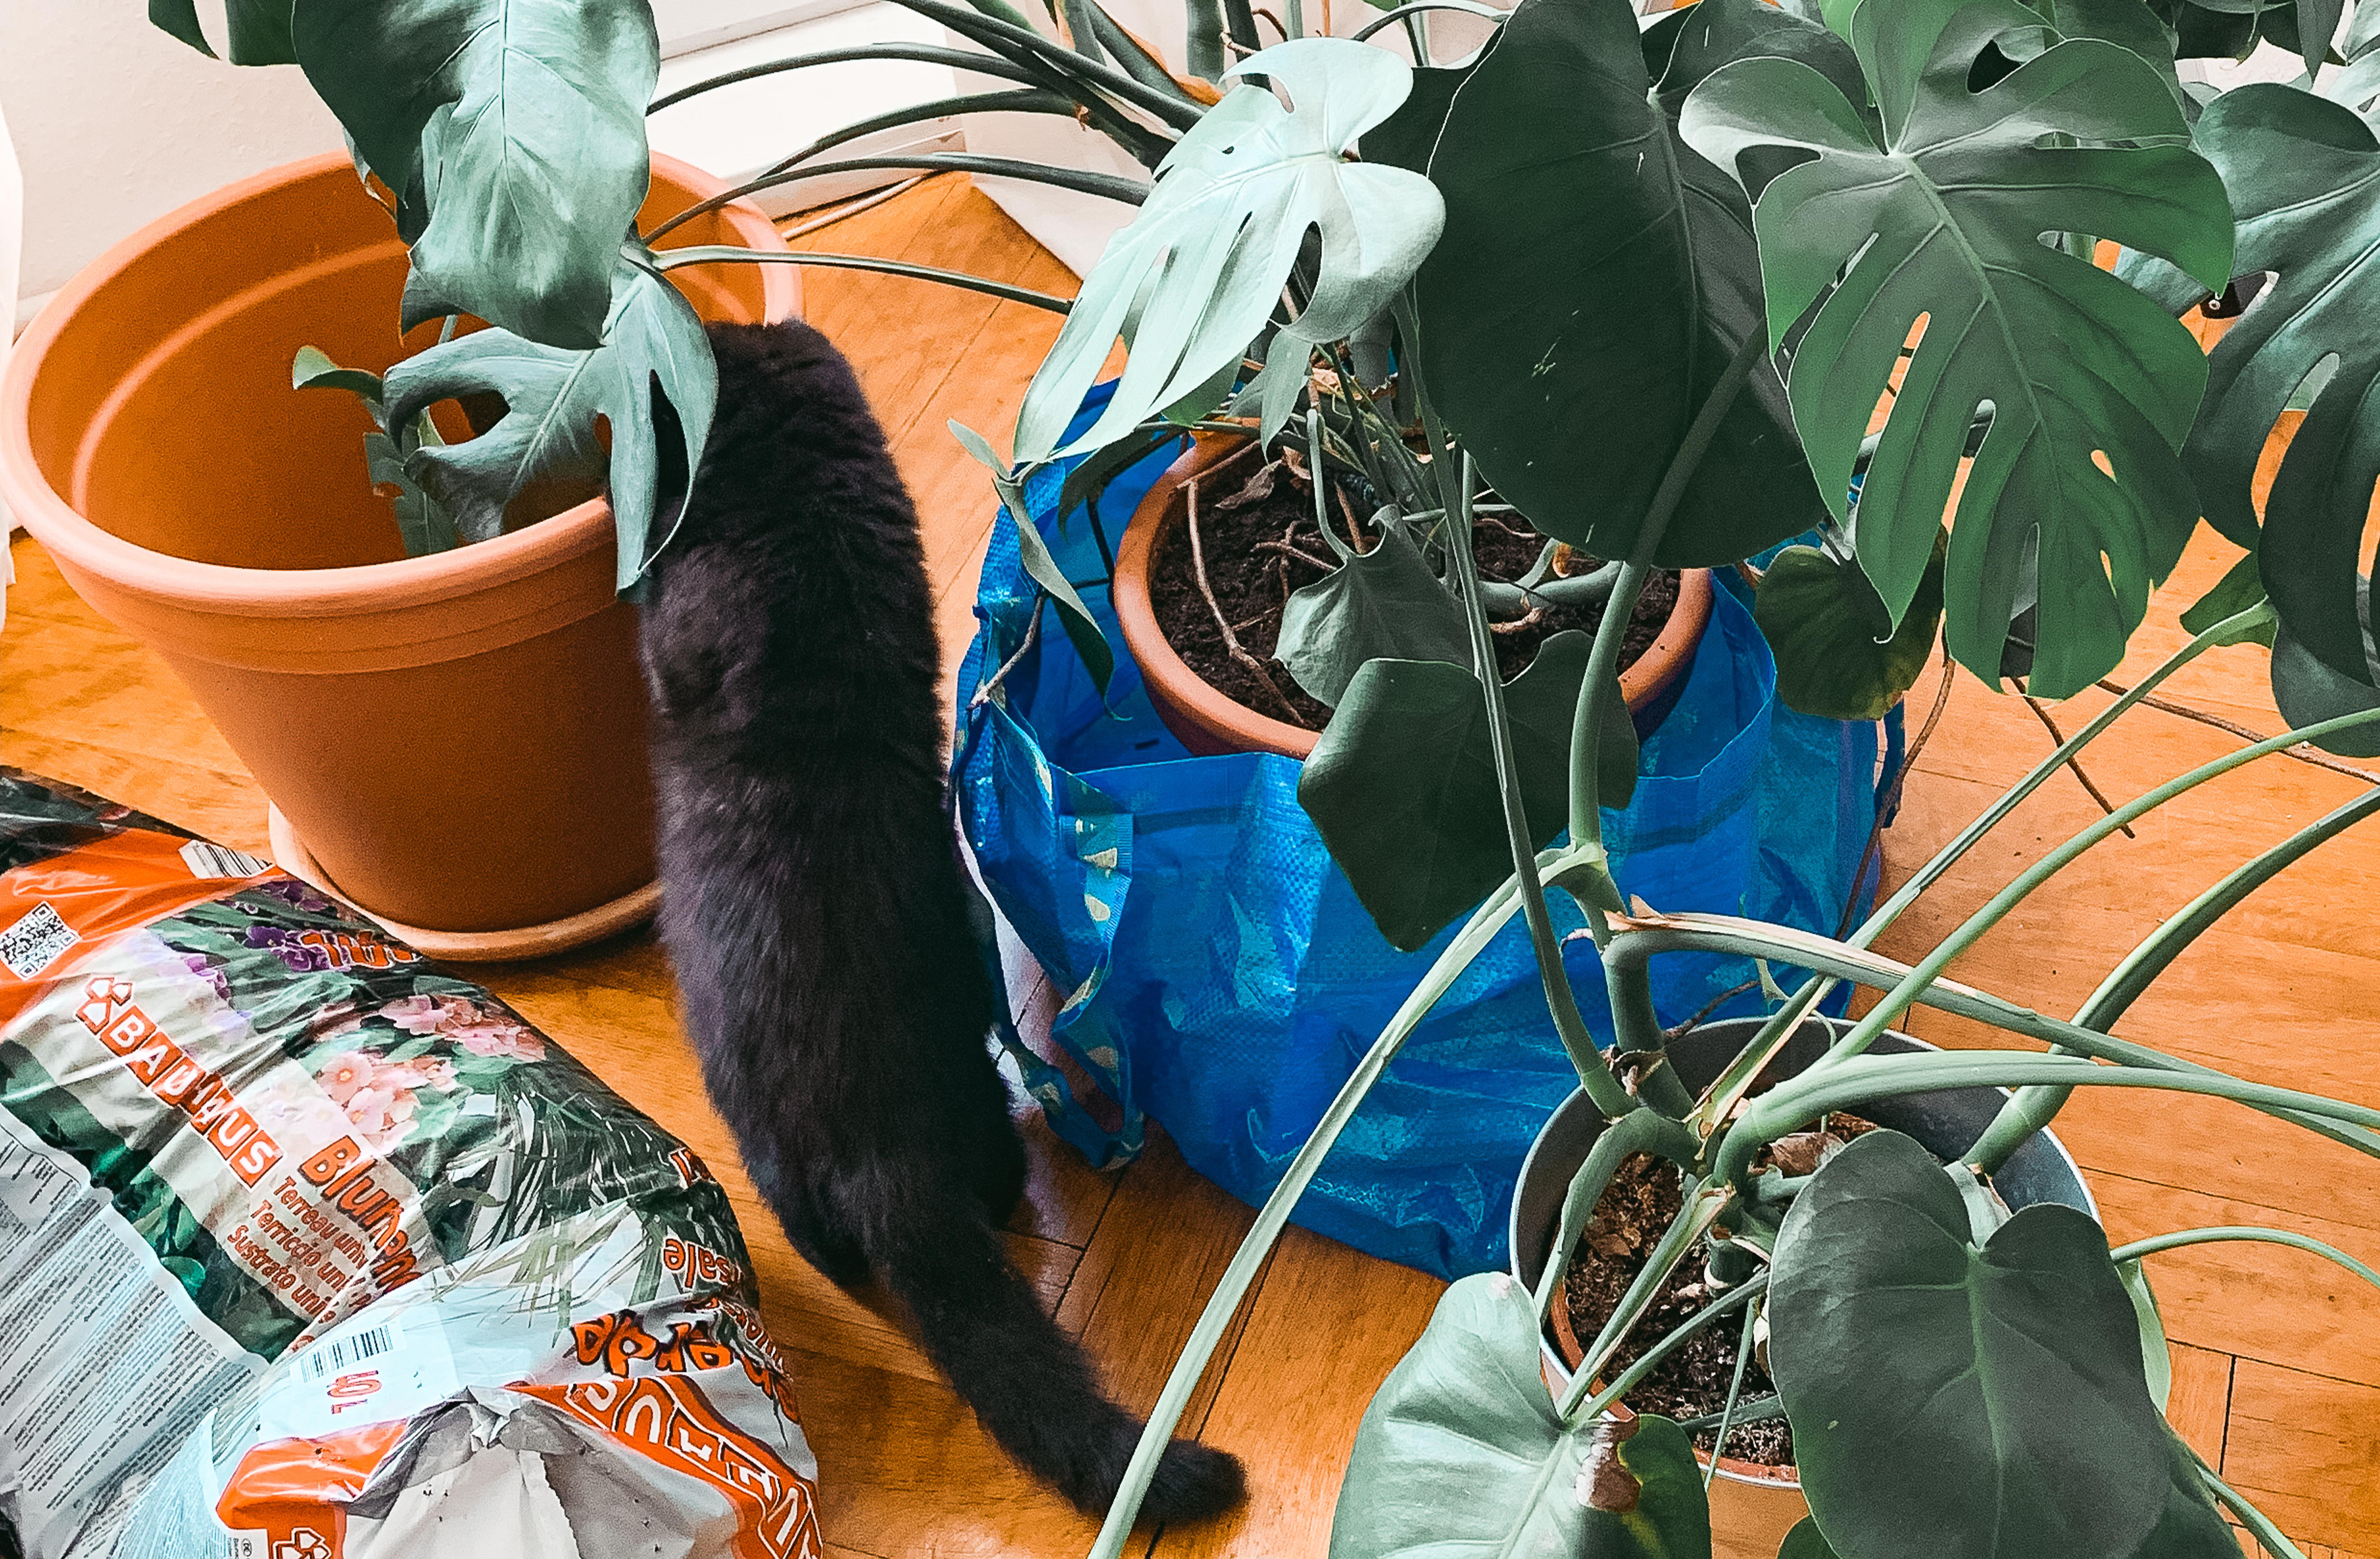 Zwei Monsteras kurz vor dem Umtopfen, ein Sack mit Erde und eine schwarze Katze, die den Terrakottatopf inspiziert